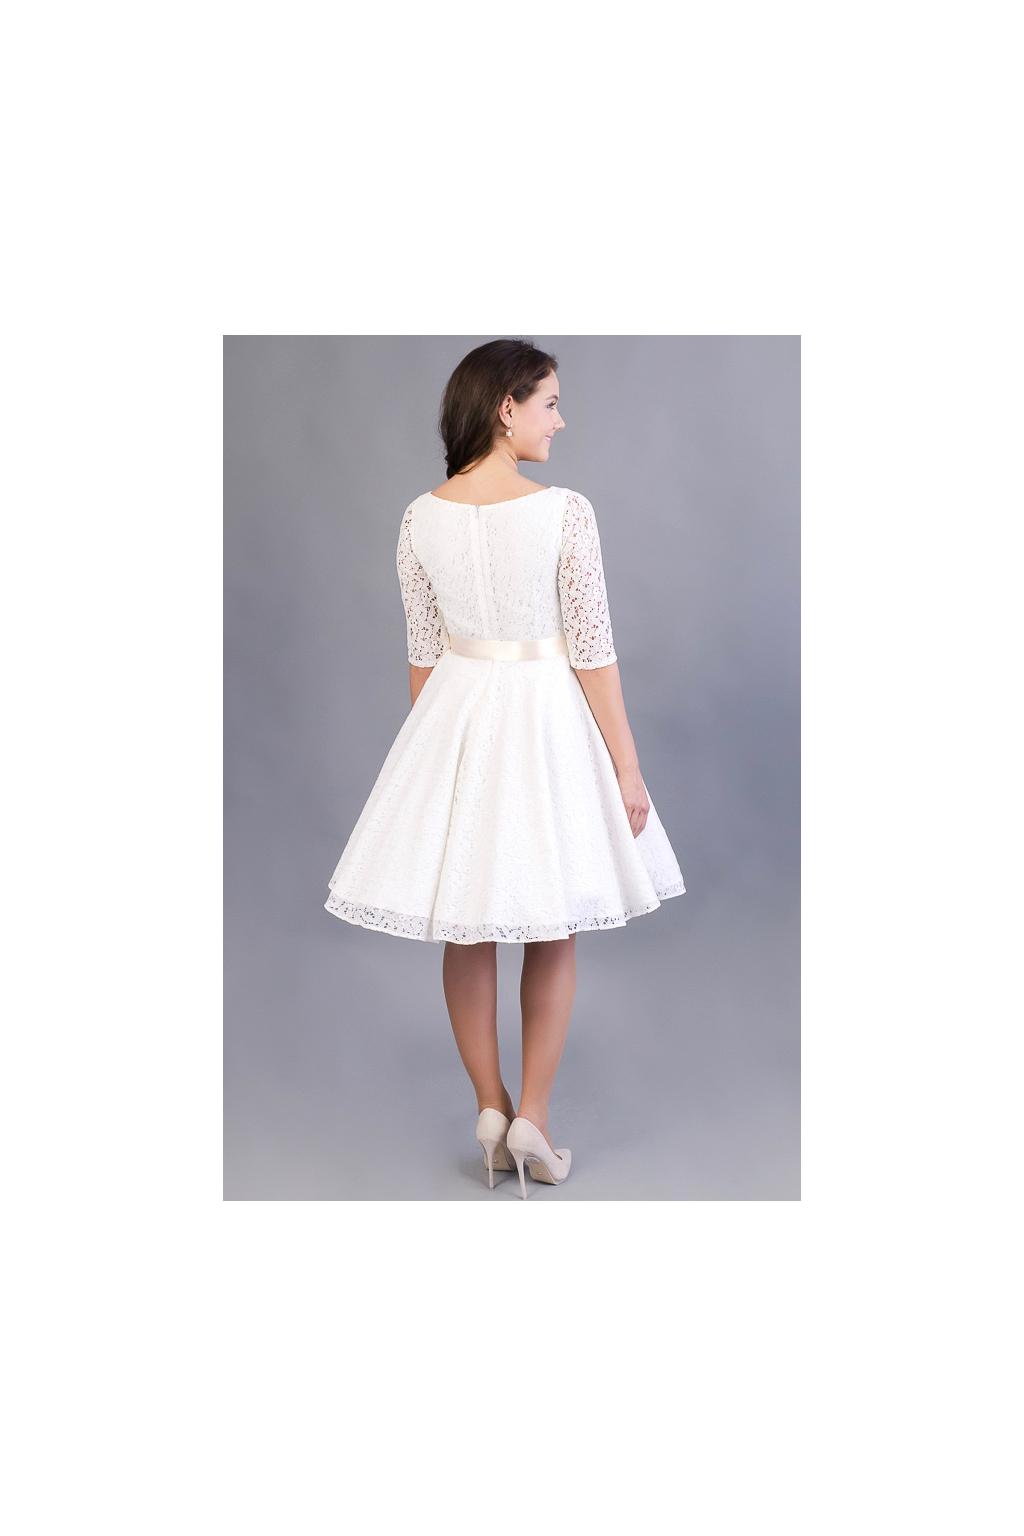 12441717e1f Celokrajkové svatební šaty ADELE s rukávy - MiaBella